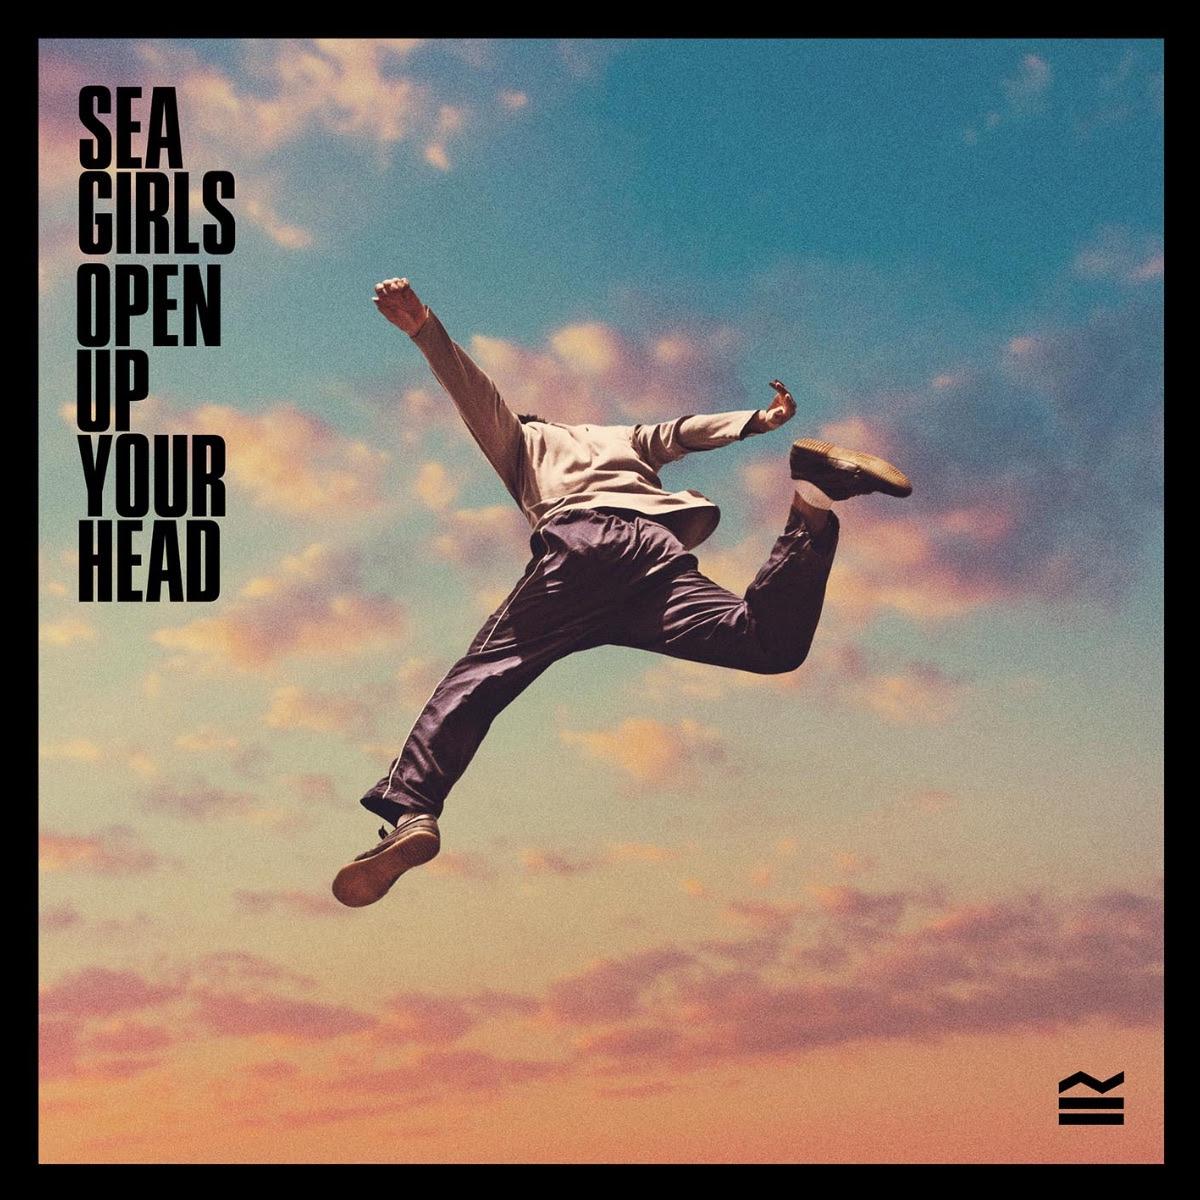 Sea Girls Open Up Your Head Album Artwork